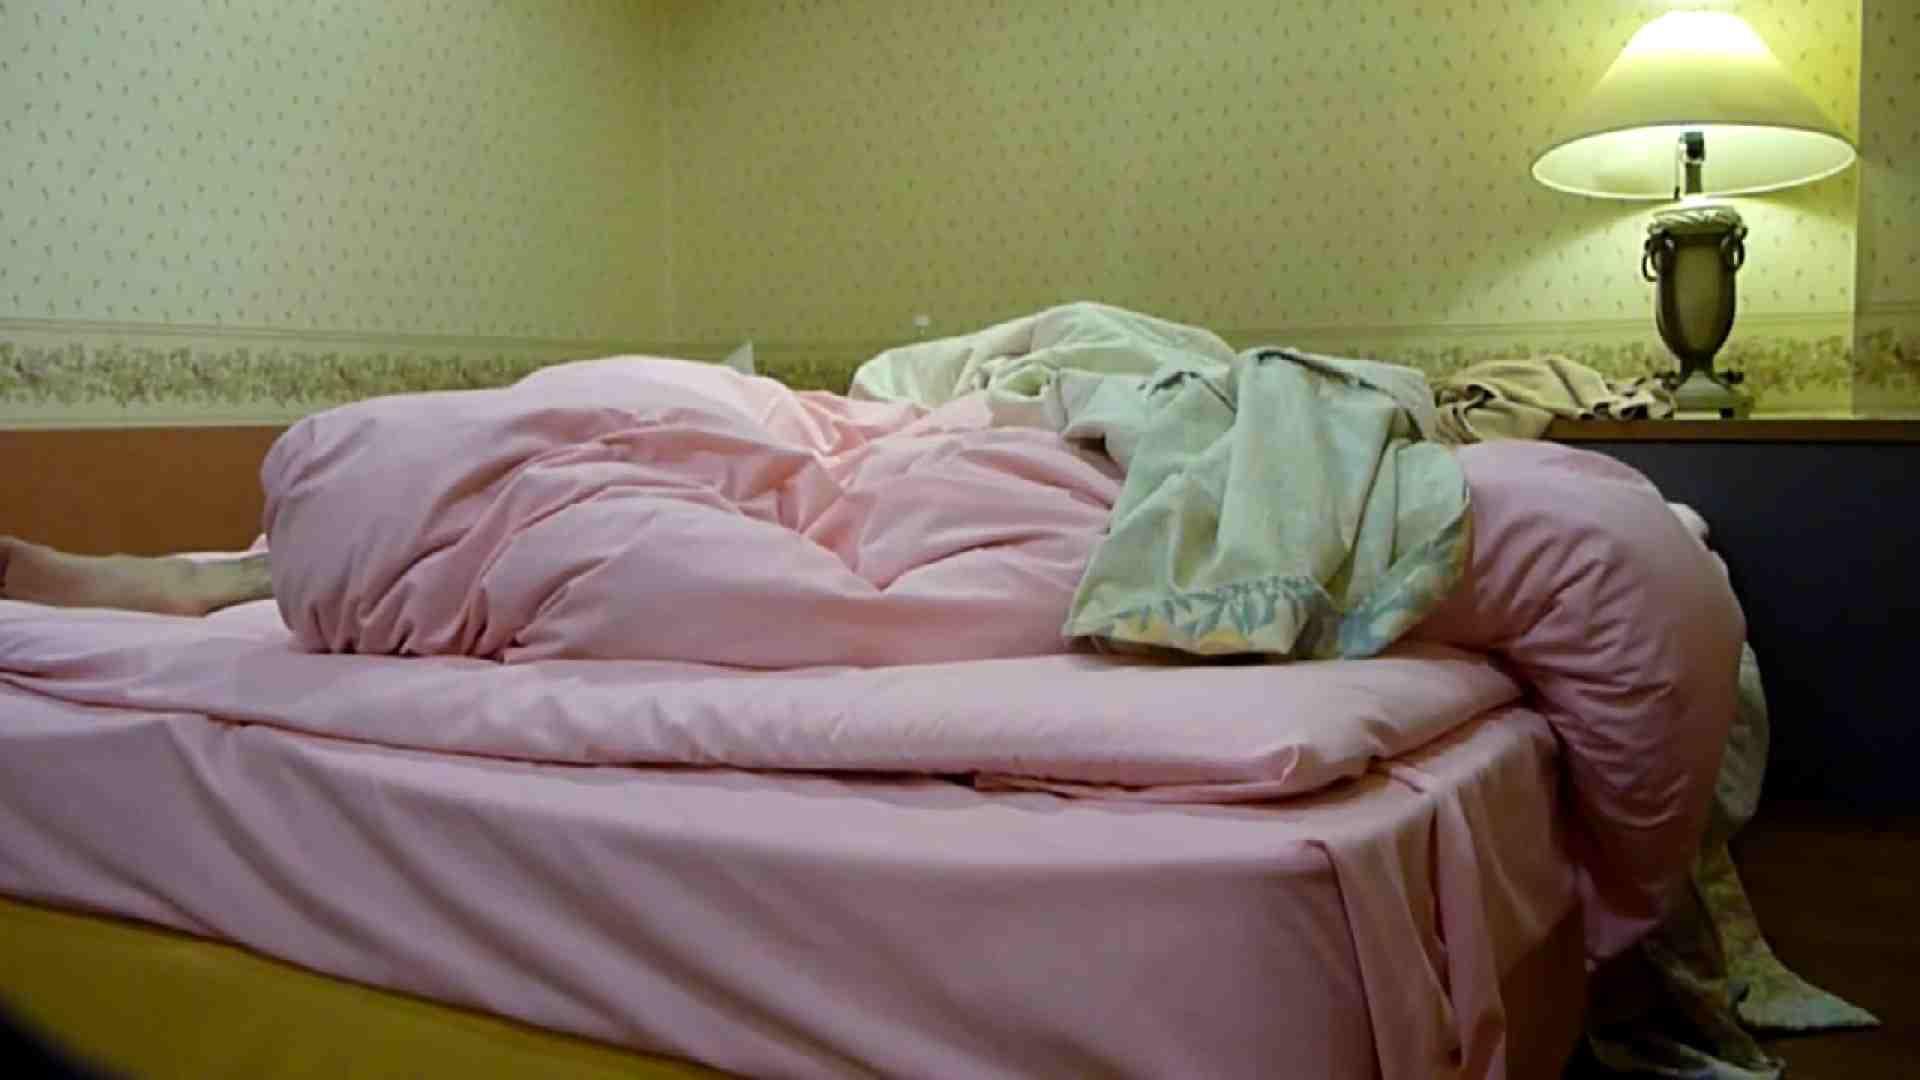 【完全素人投稿】誰にしようか!?やりチン健太の本日もデリ嬢いただきま~す!!04 投稿 | 素人丸裸  77pic 31